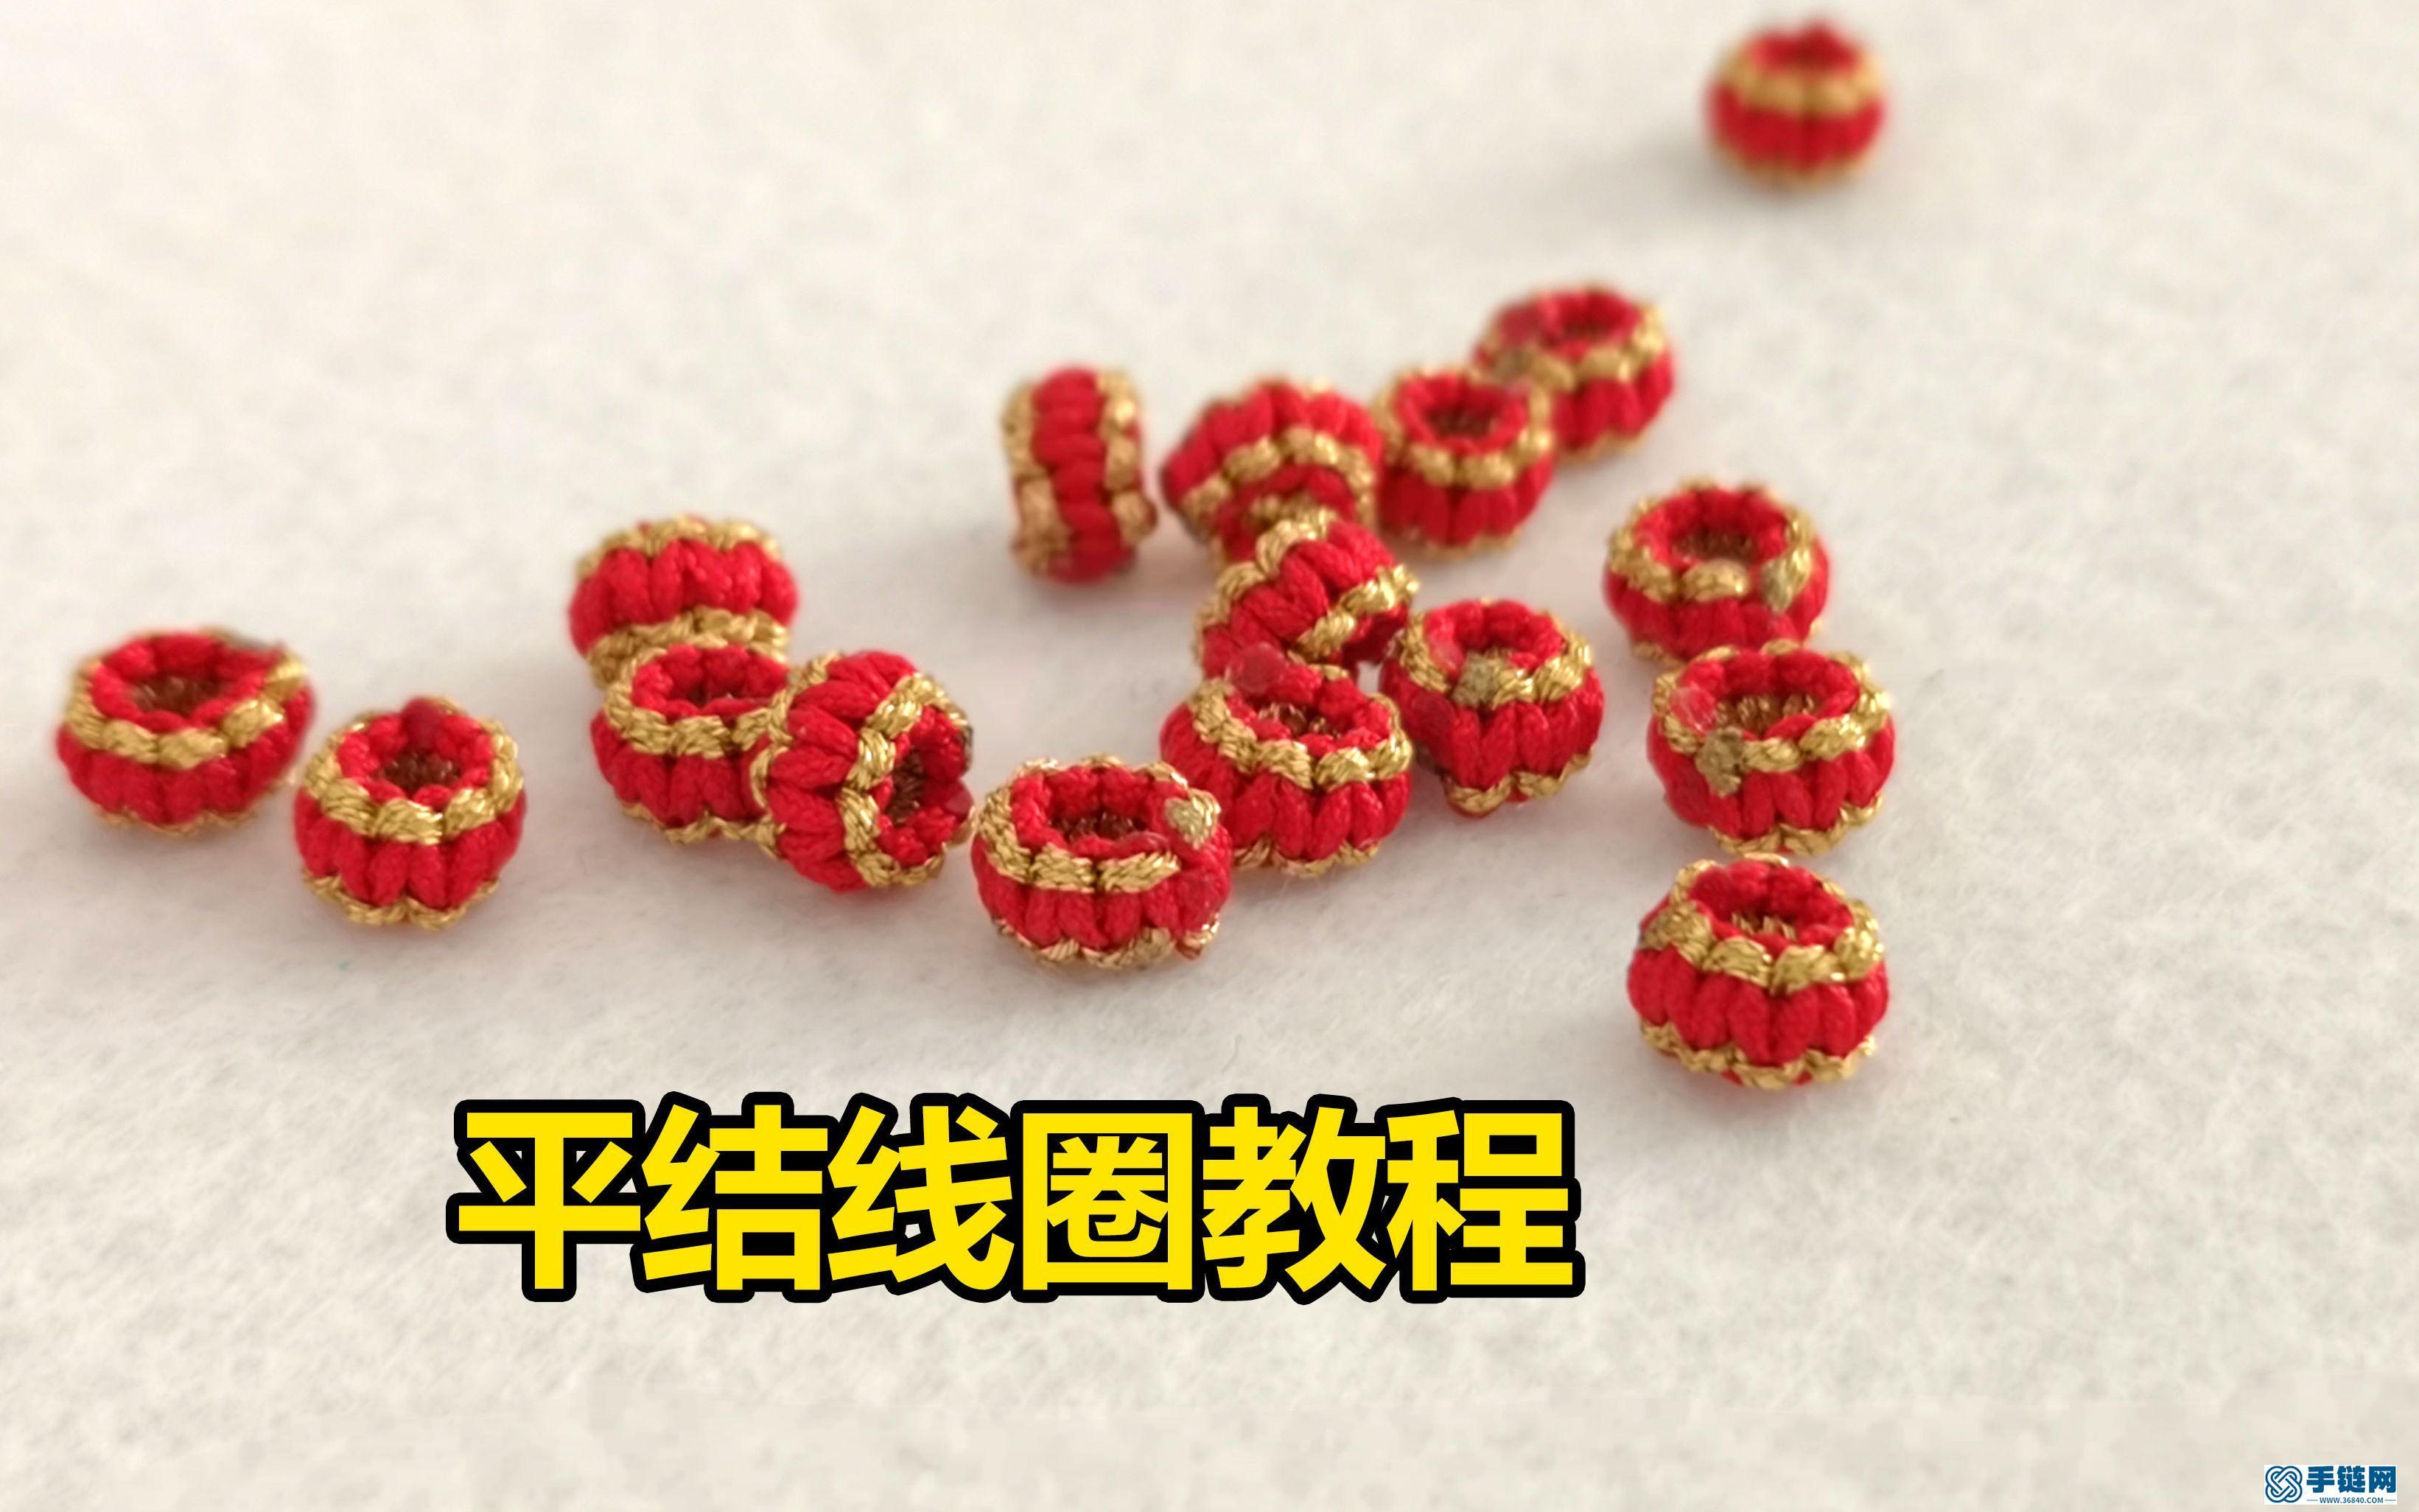 之平结线圈这样打结,绳结饰品非常常用的一种结